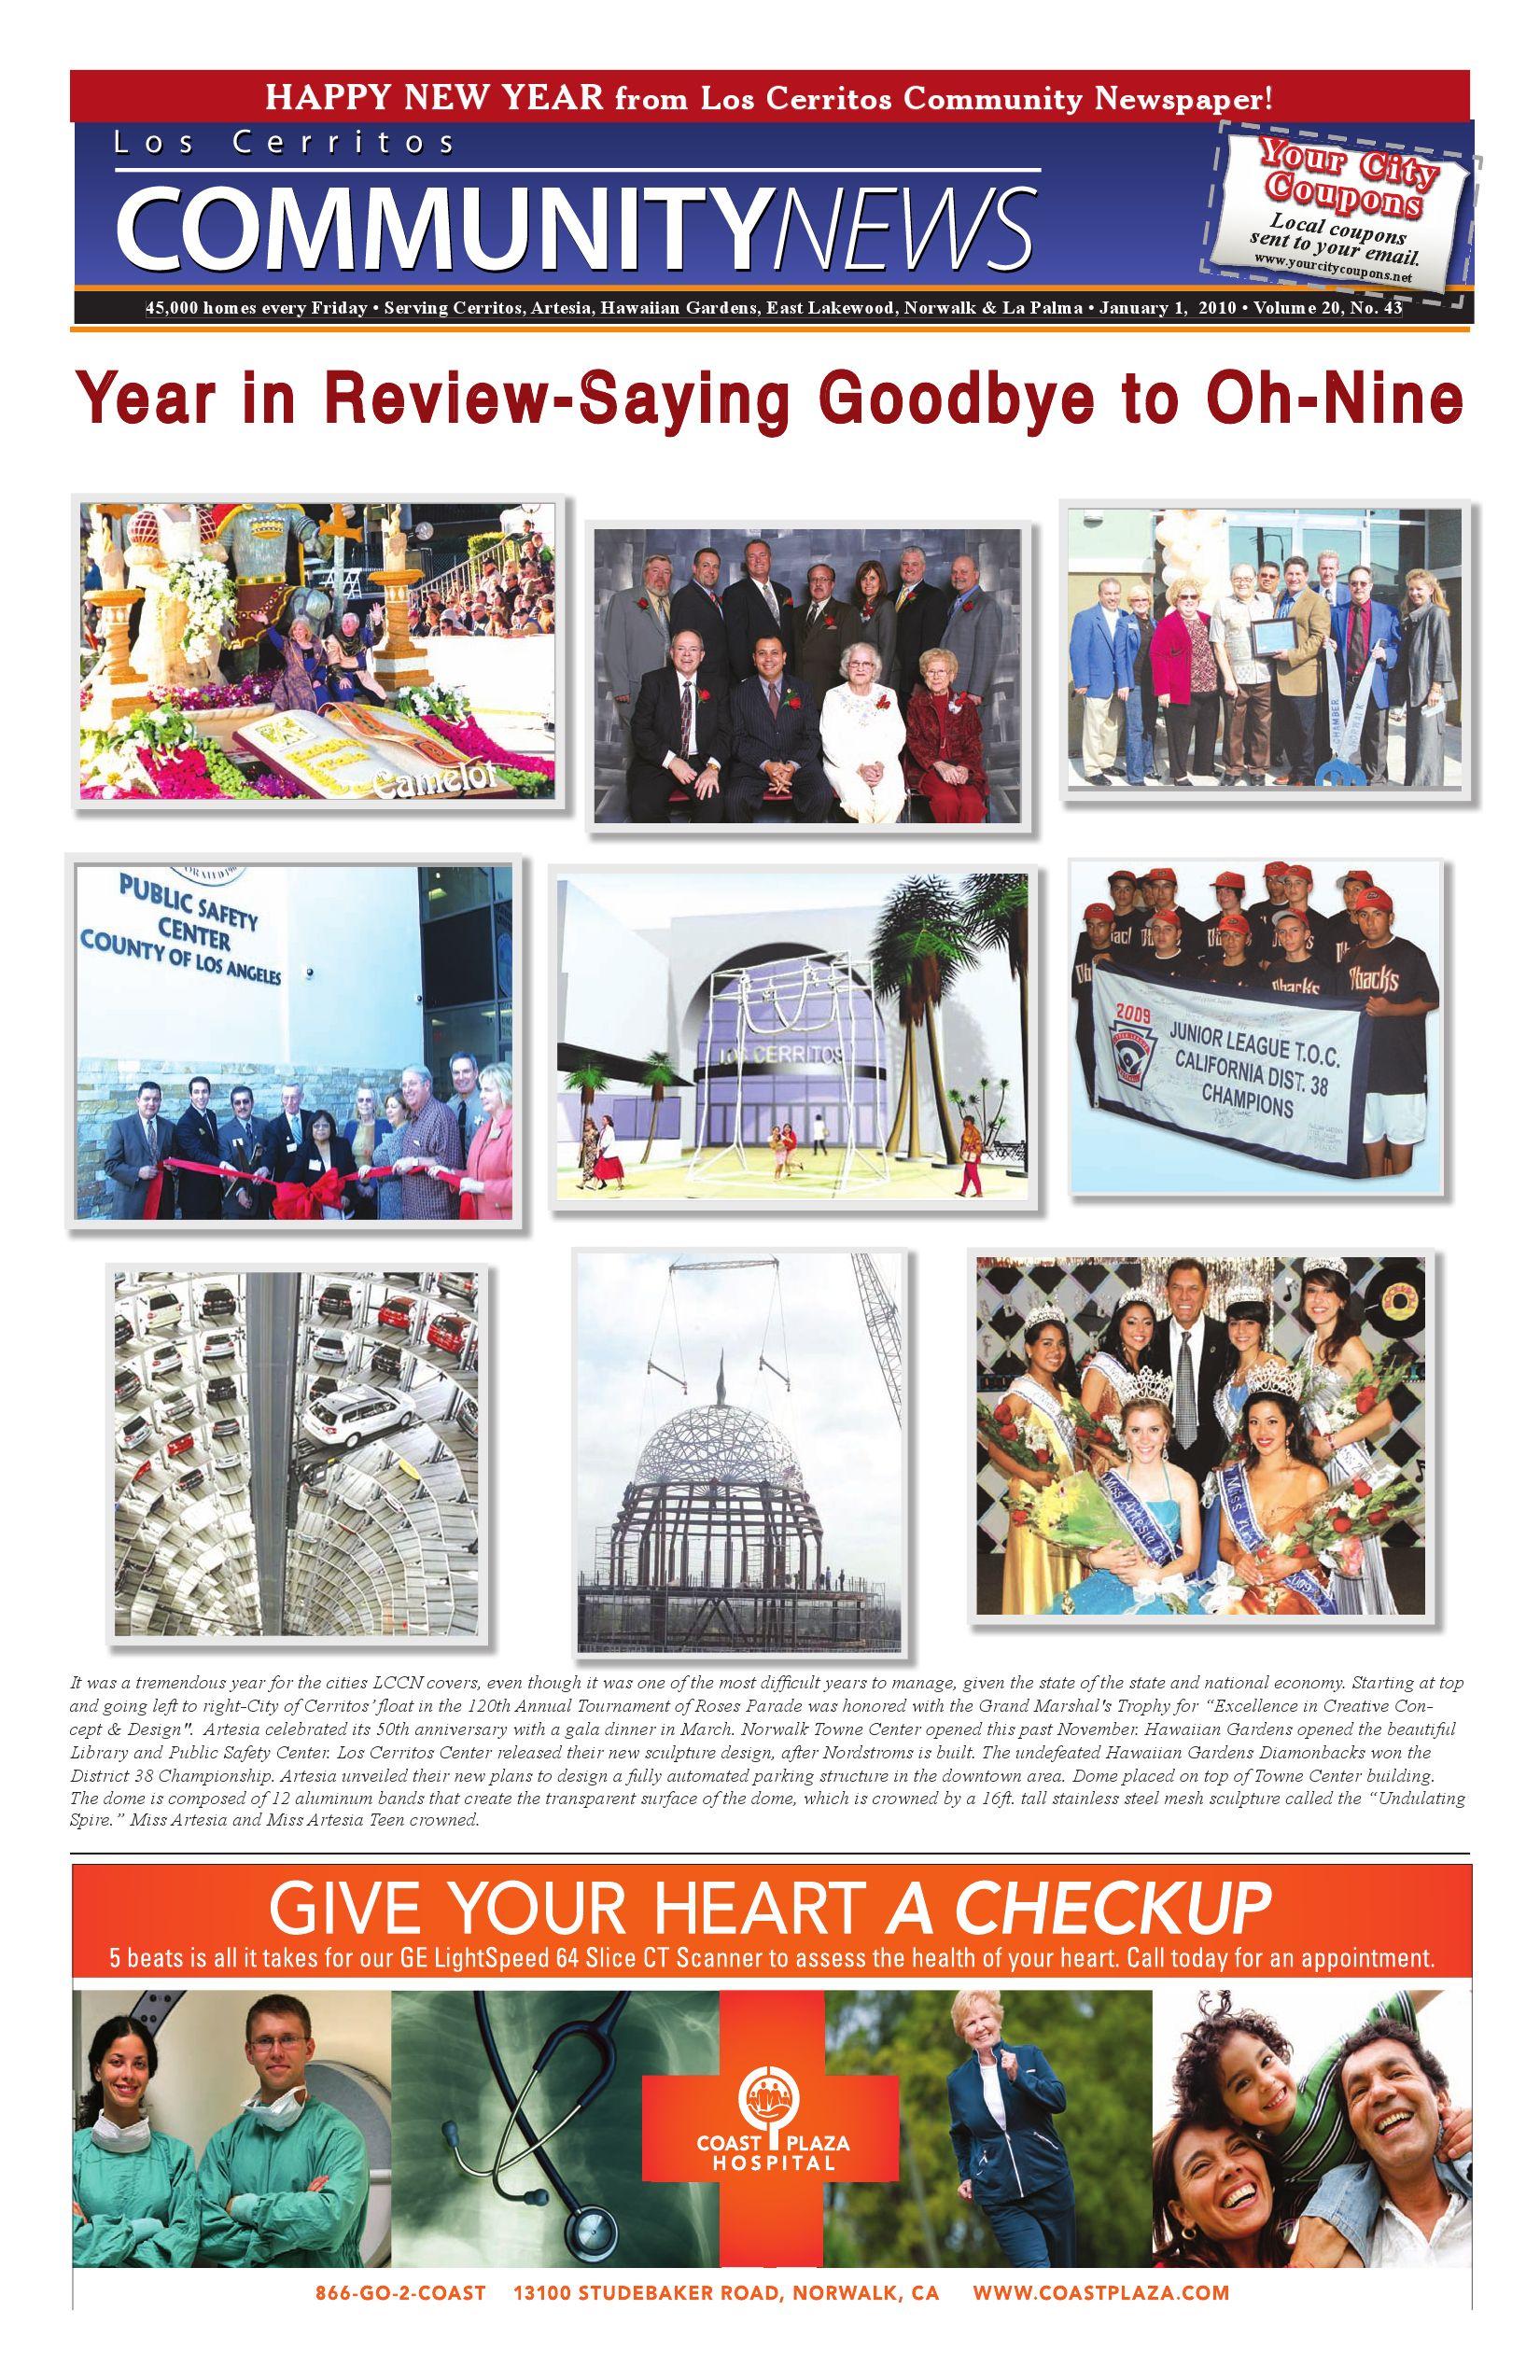 Los cerritos community news 1 1 10 by los cerritos community news los cerritos community news 1 1 10 by los cerritos community news issuu aiddatafo Gallery